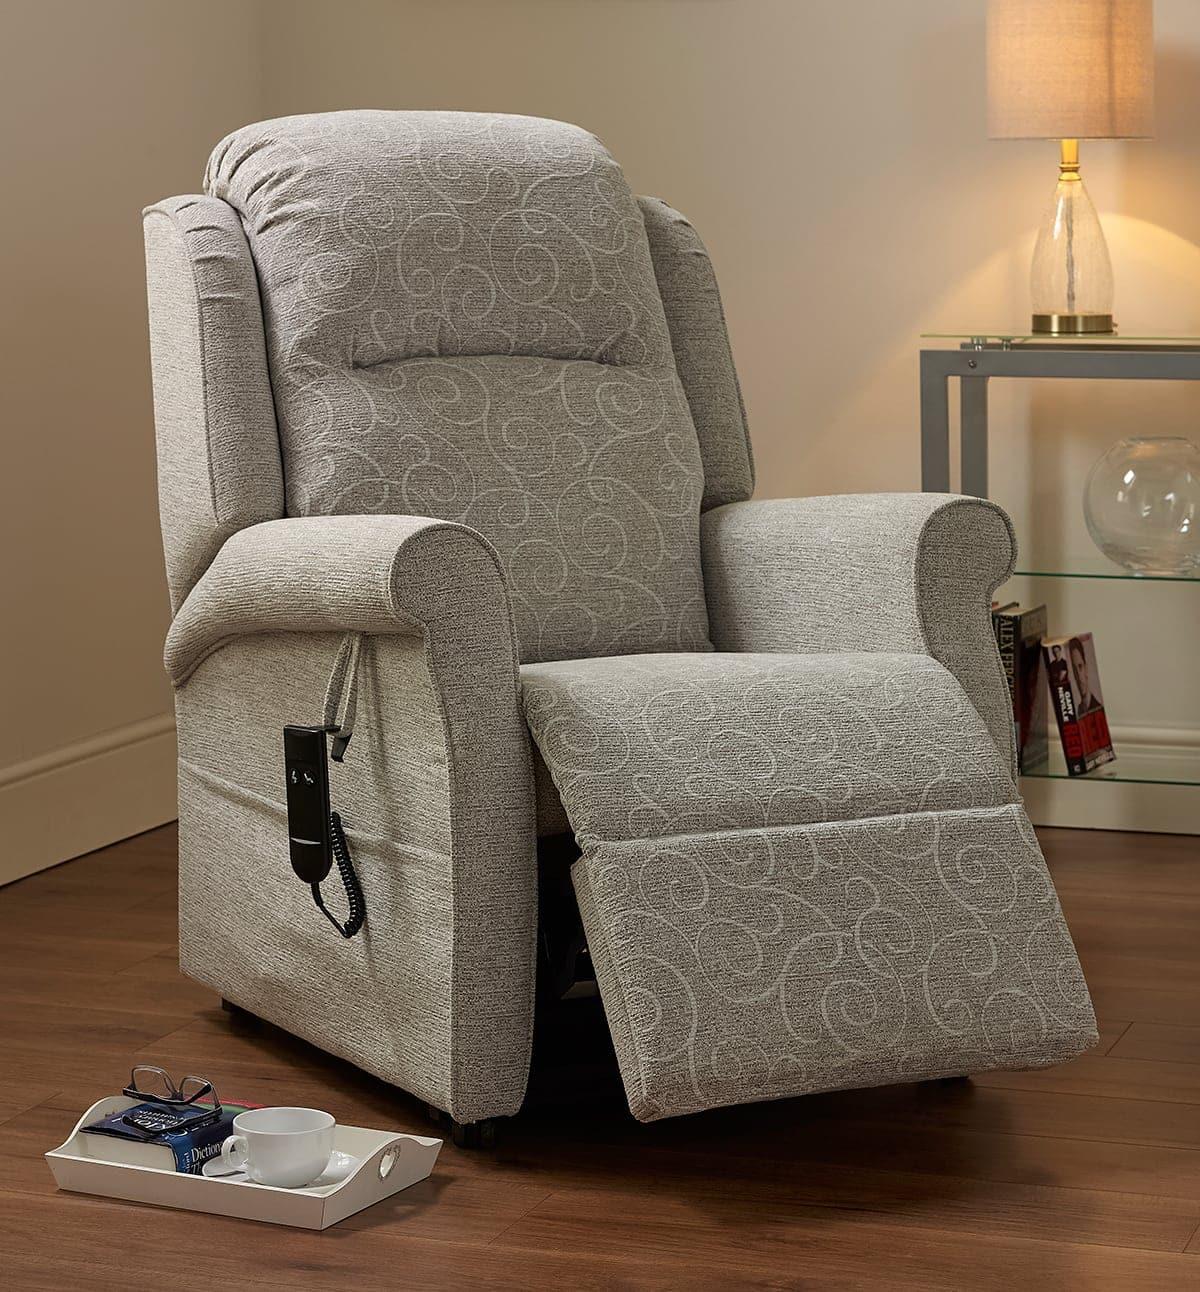 Repose Riser Recliner Alba Homecare Chair